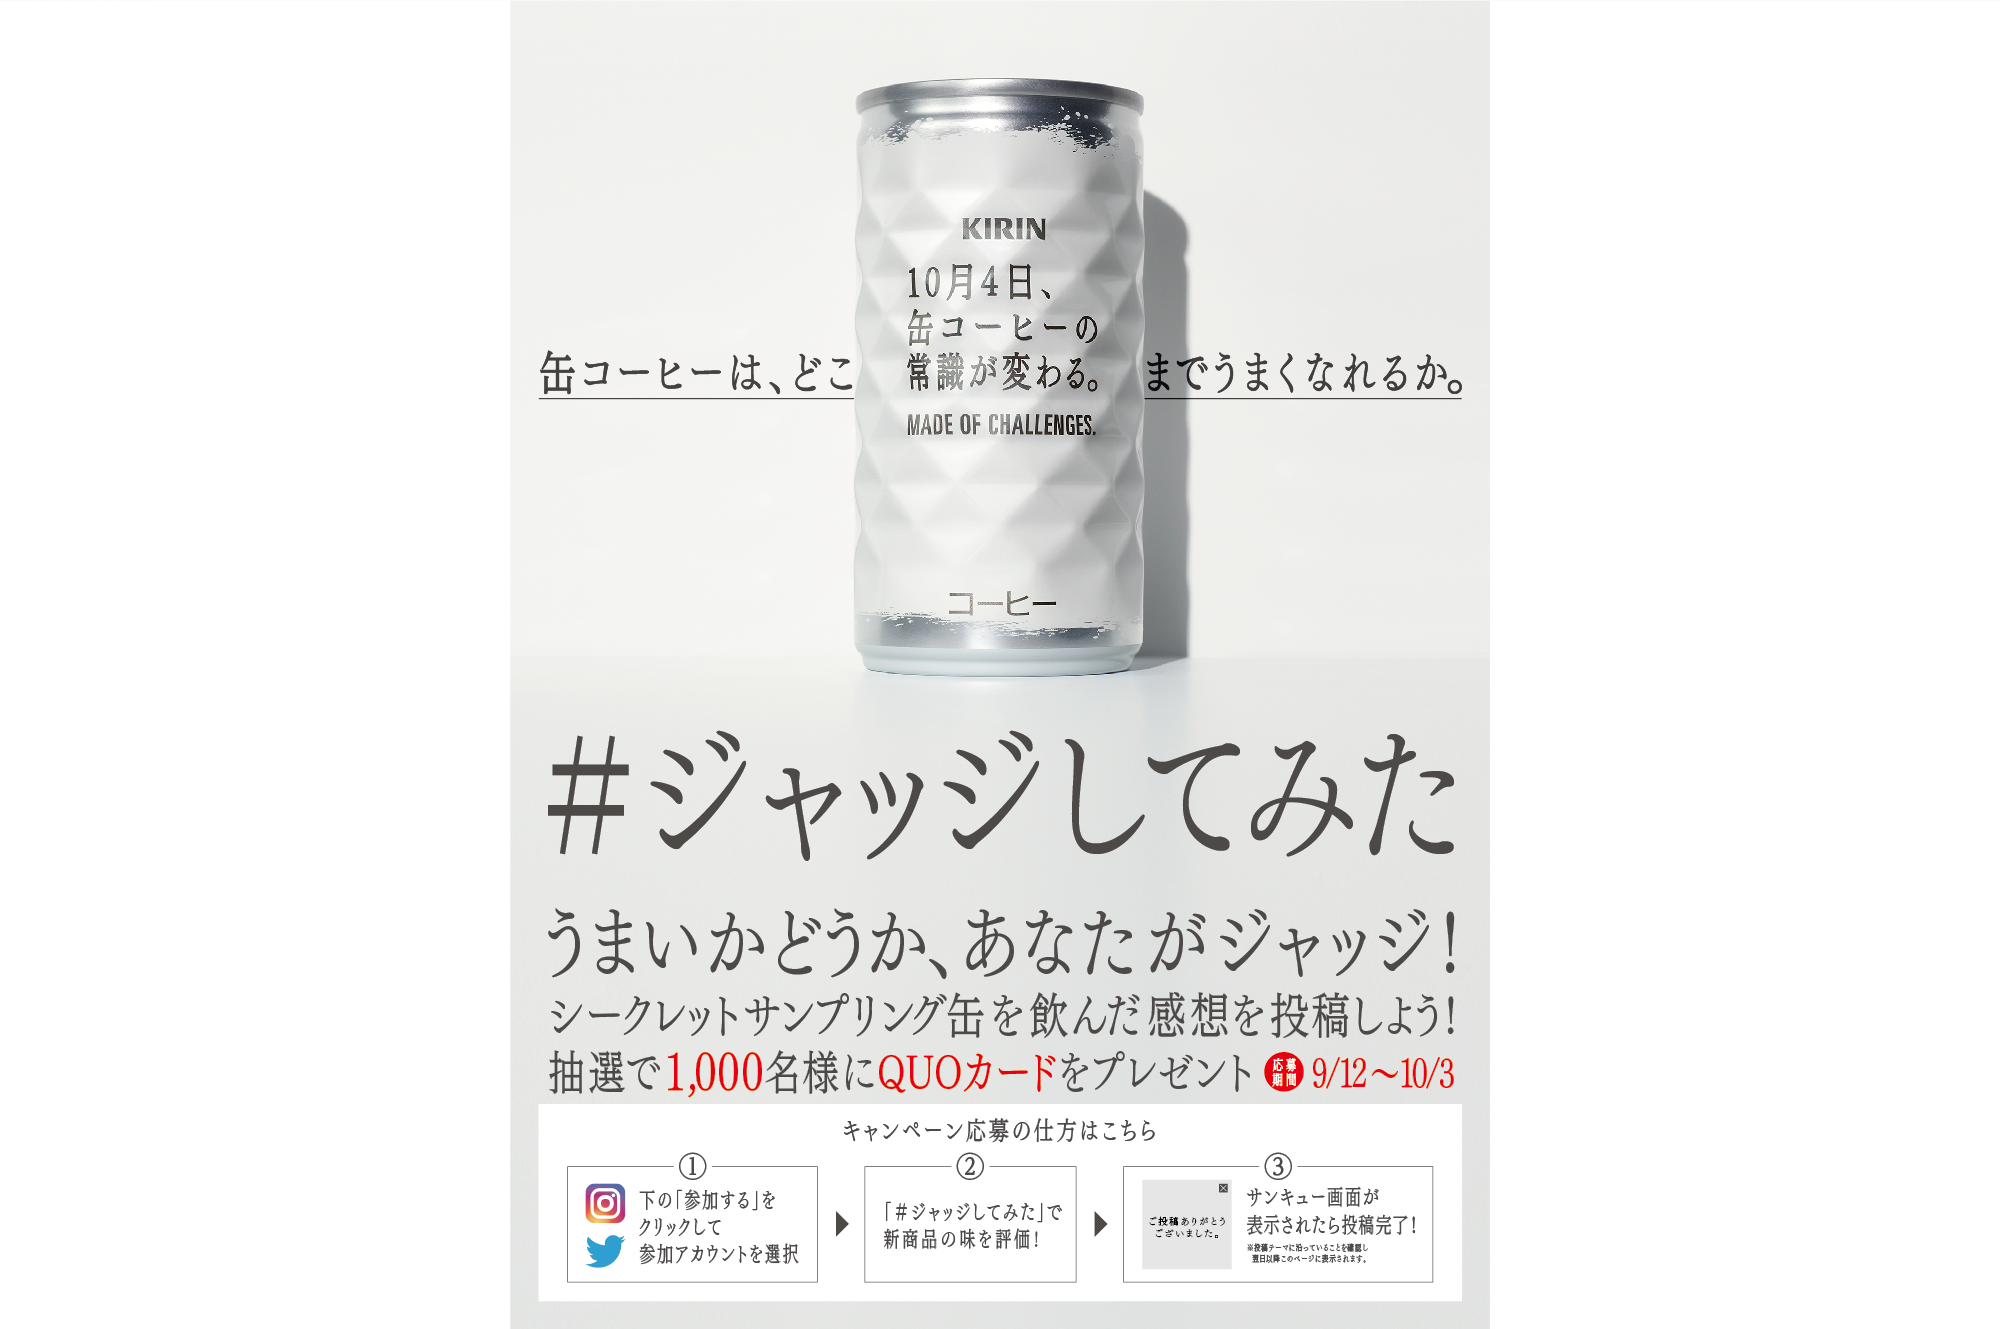 KIRINの新型缶コーヒー、シークレットサンプリング缶を飲むと抽選で1000名にQUOカード500円が当たる。~10/3。